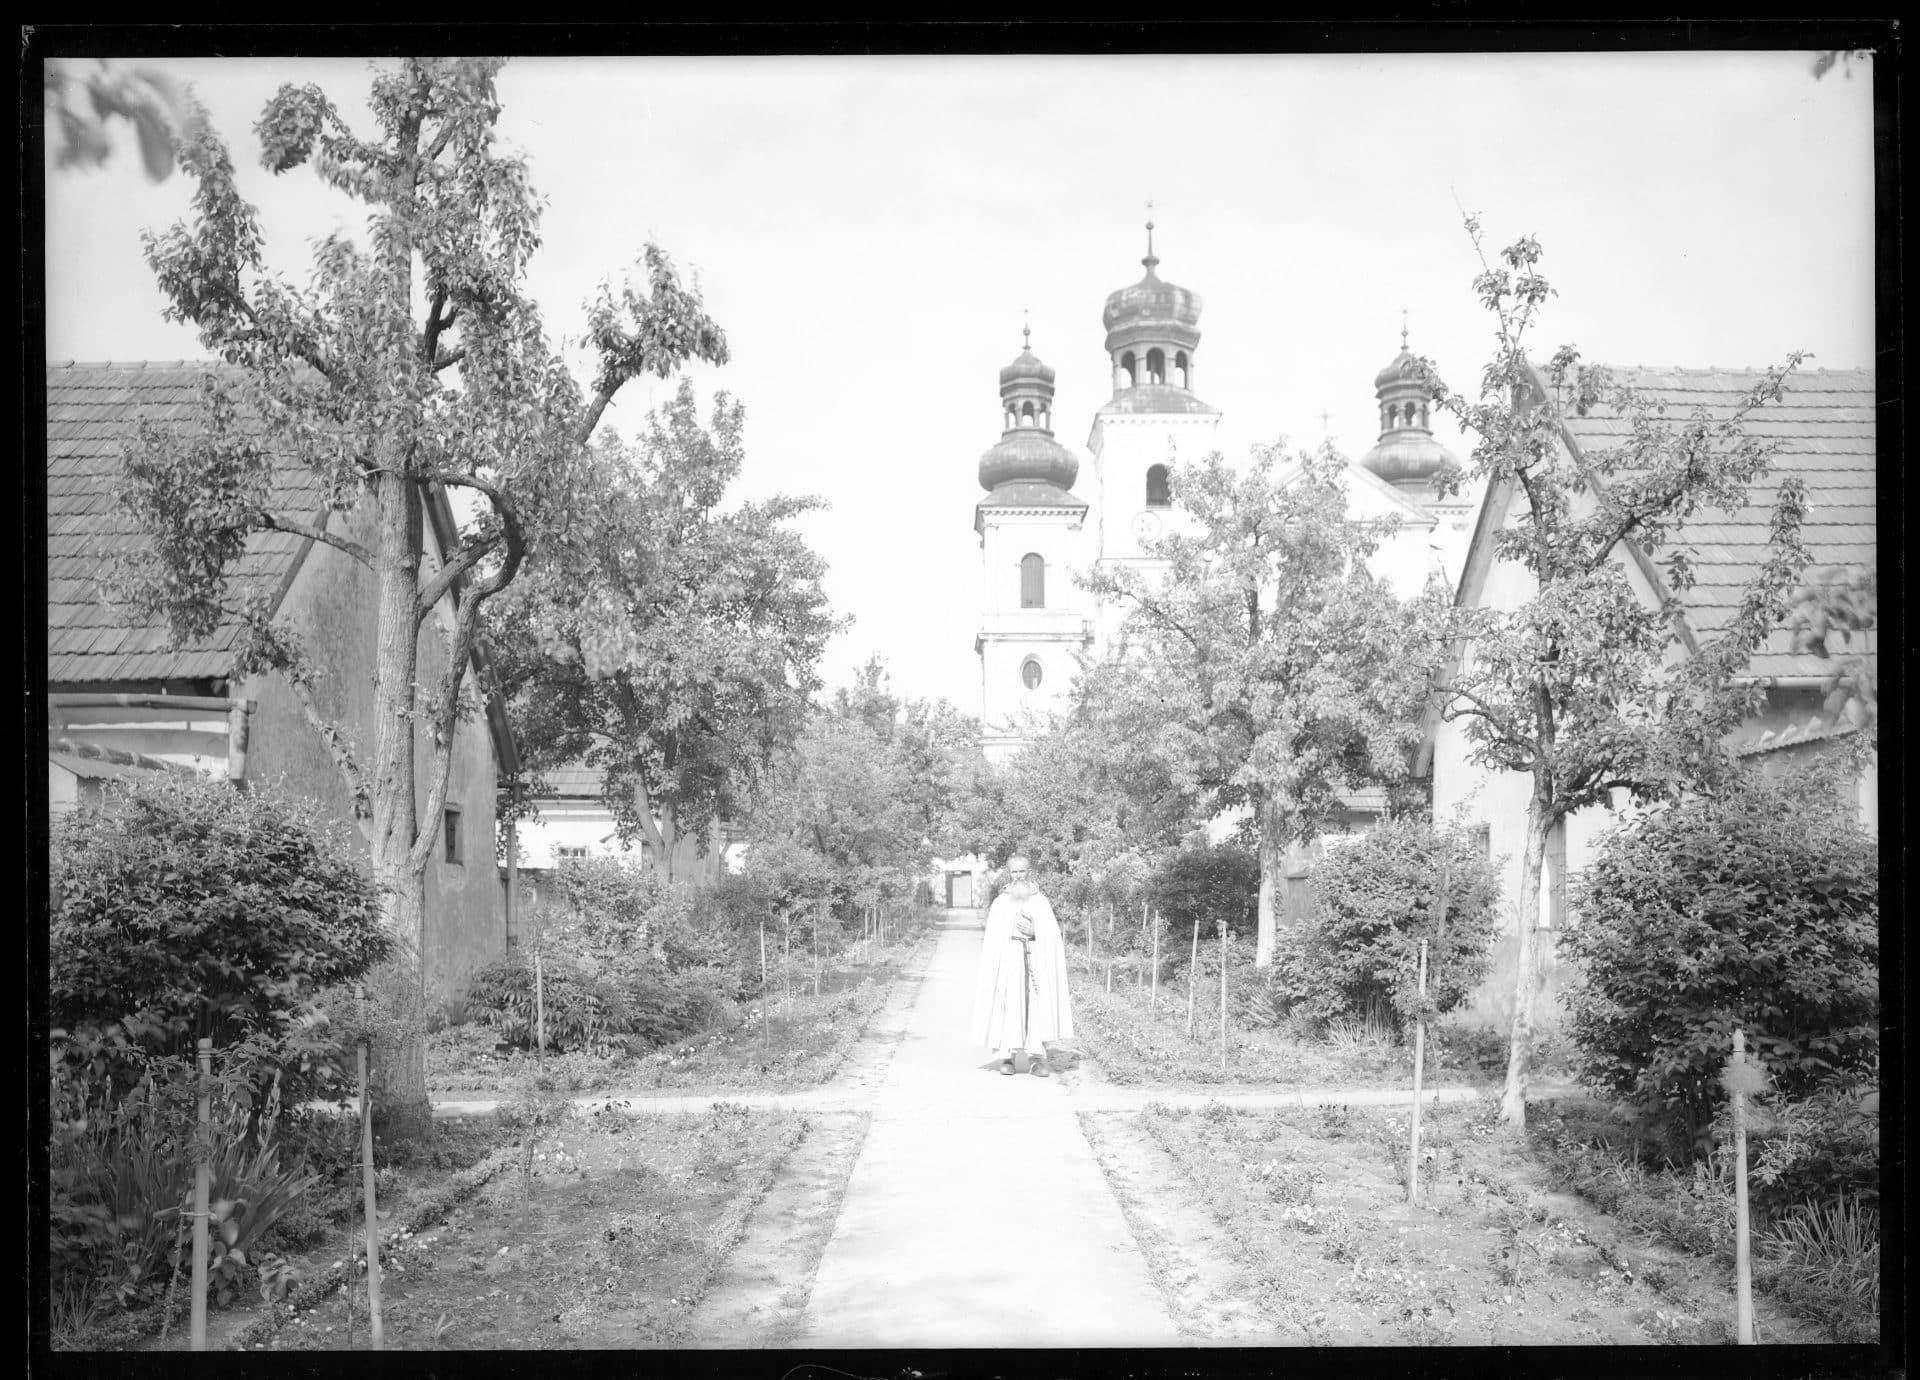 Zakonnik w ogrodzie, obok budynki przy kościele i klasztorze Kamedułów. 1934 rok. Fot. Narodowe Archiwum Cyfrowe.